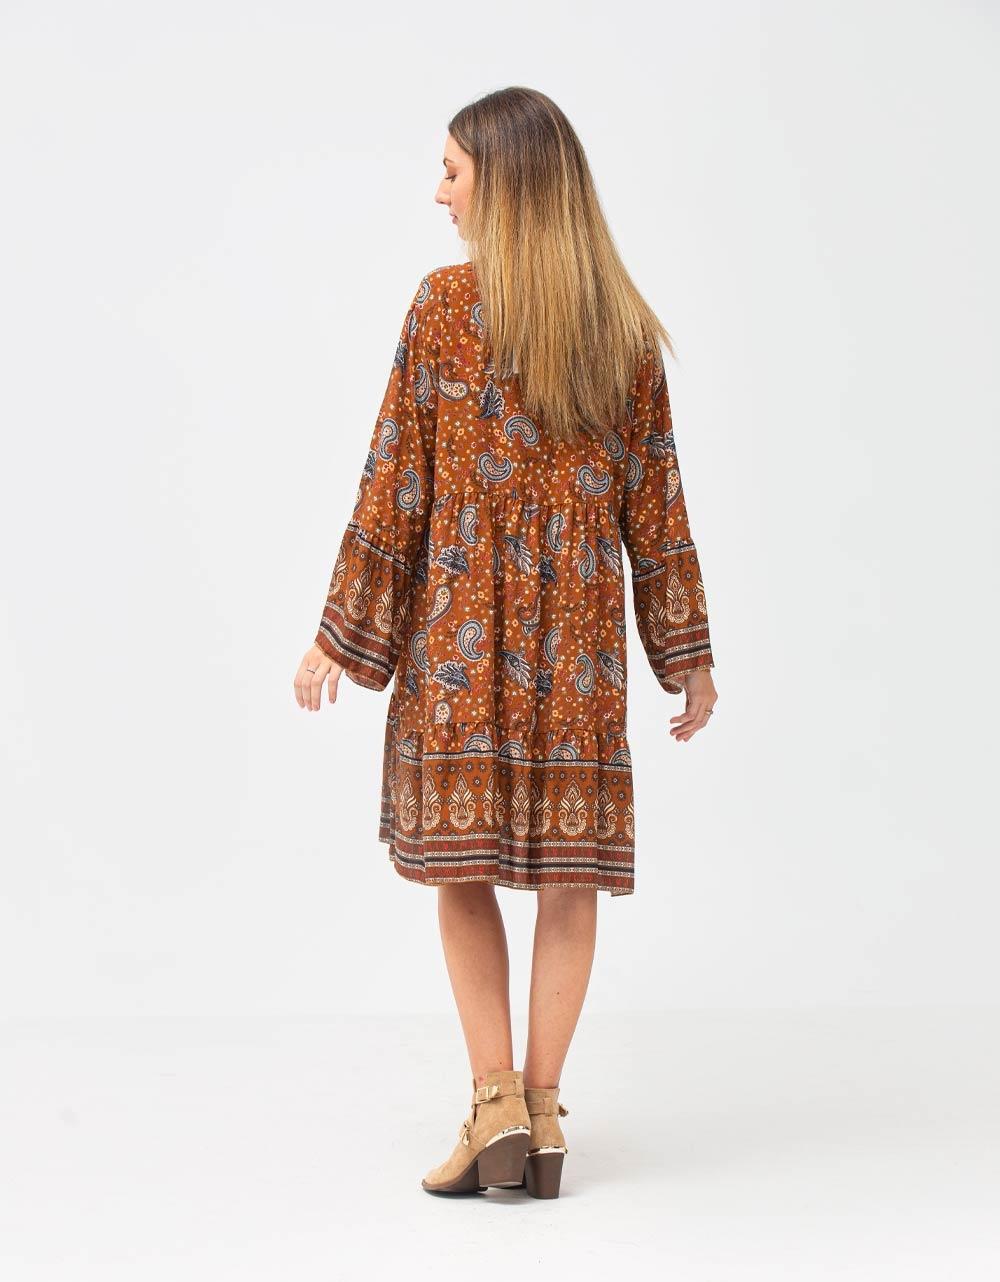 Εικόνα από Γυναικείο φόρεμα βολάν με σχέδια Καφέ